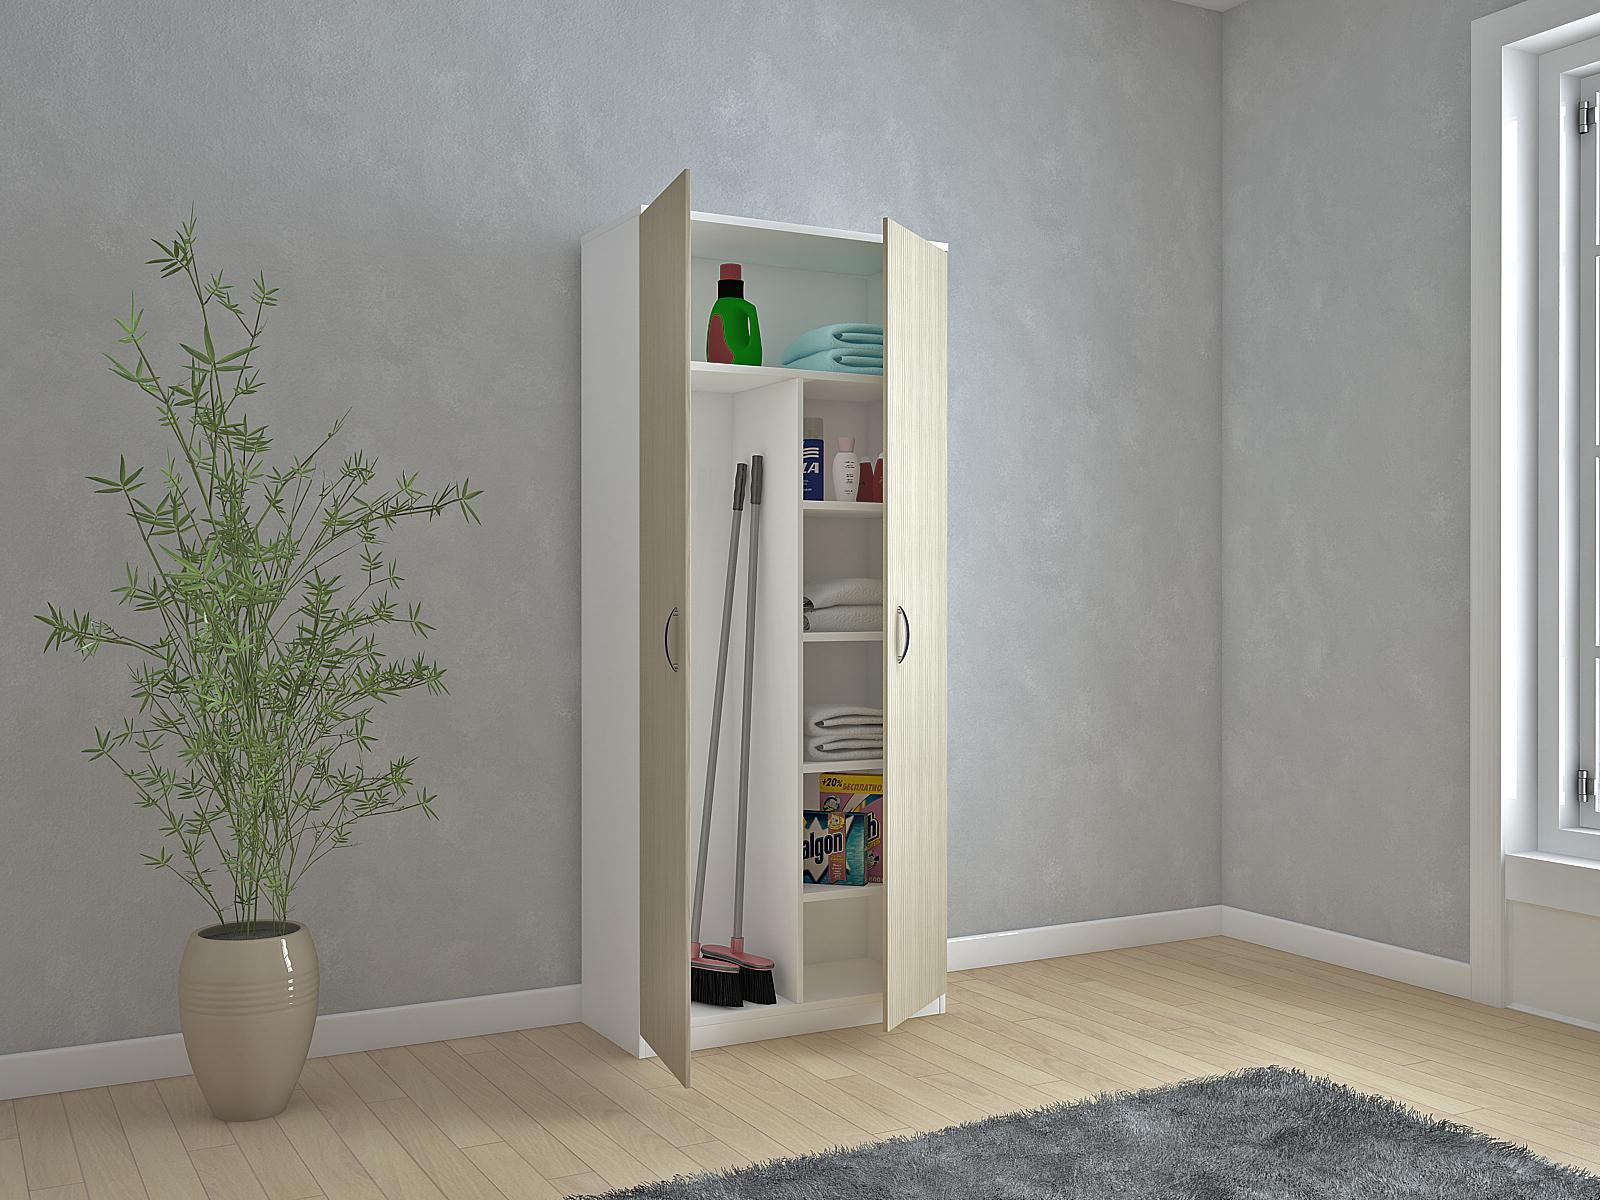 Tuttopiani portascope colonne ctf mobili in kit - Armadio ripostiglio da interno ...